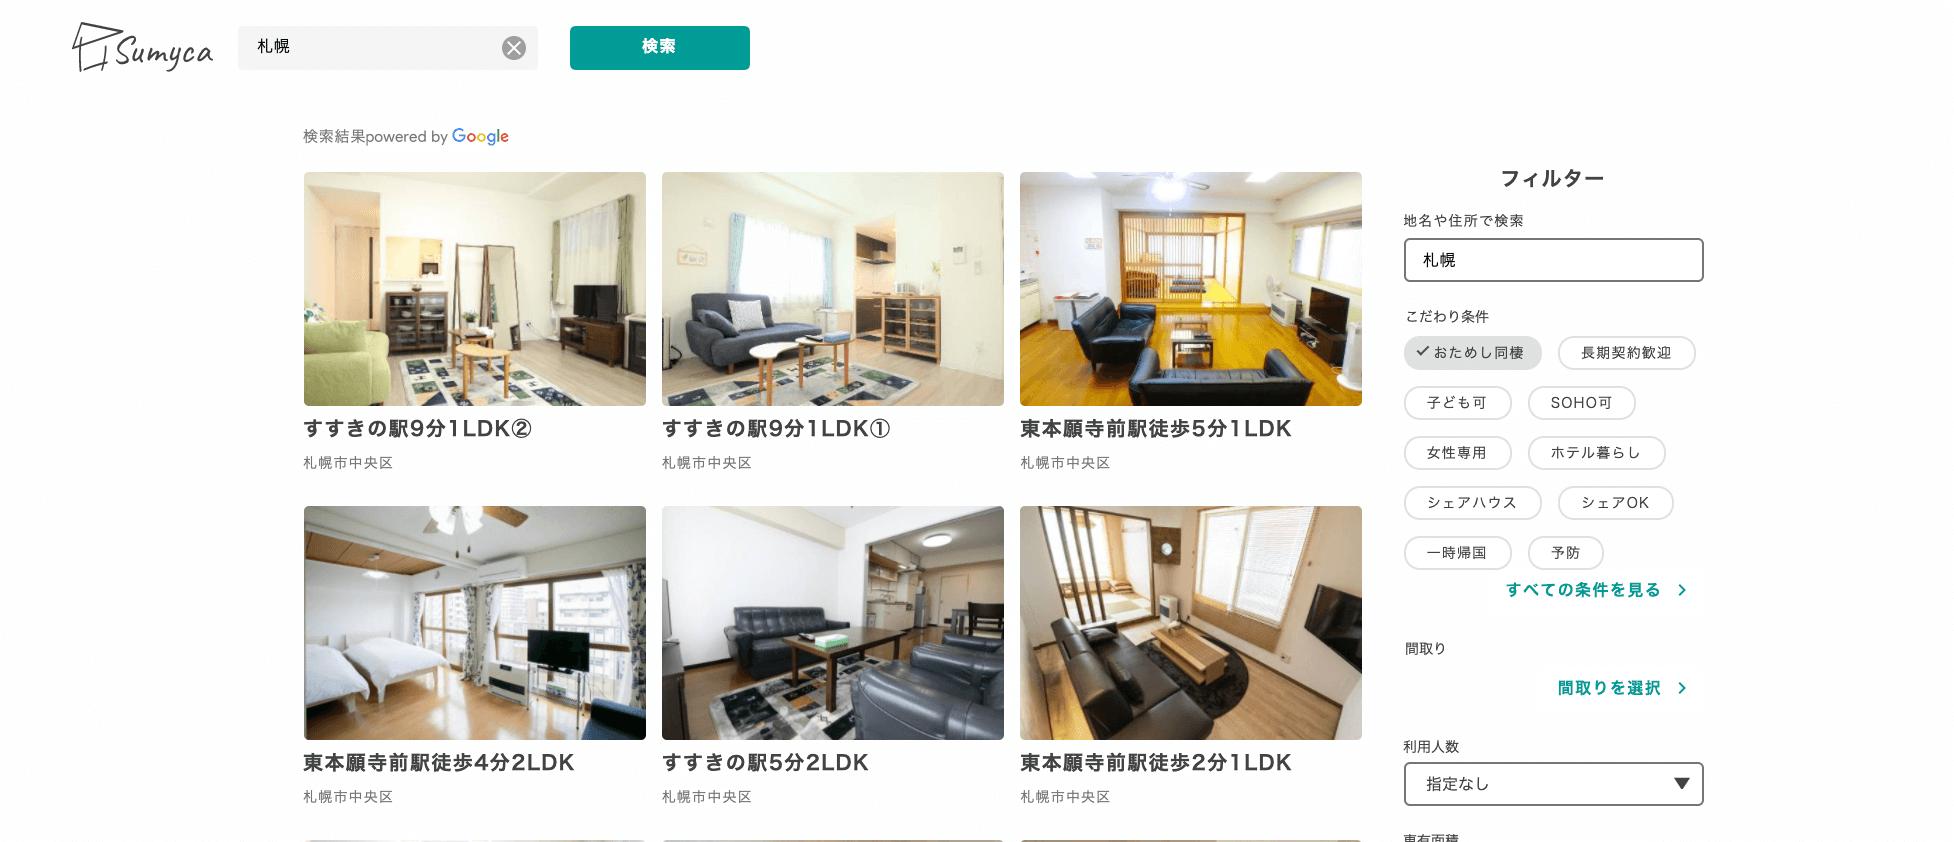 日本初の同棲特化サービス『おためし同棲』の札幌ページ